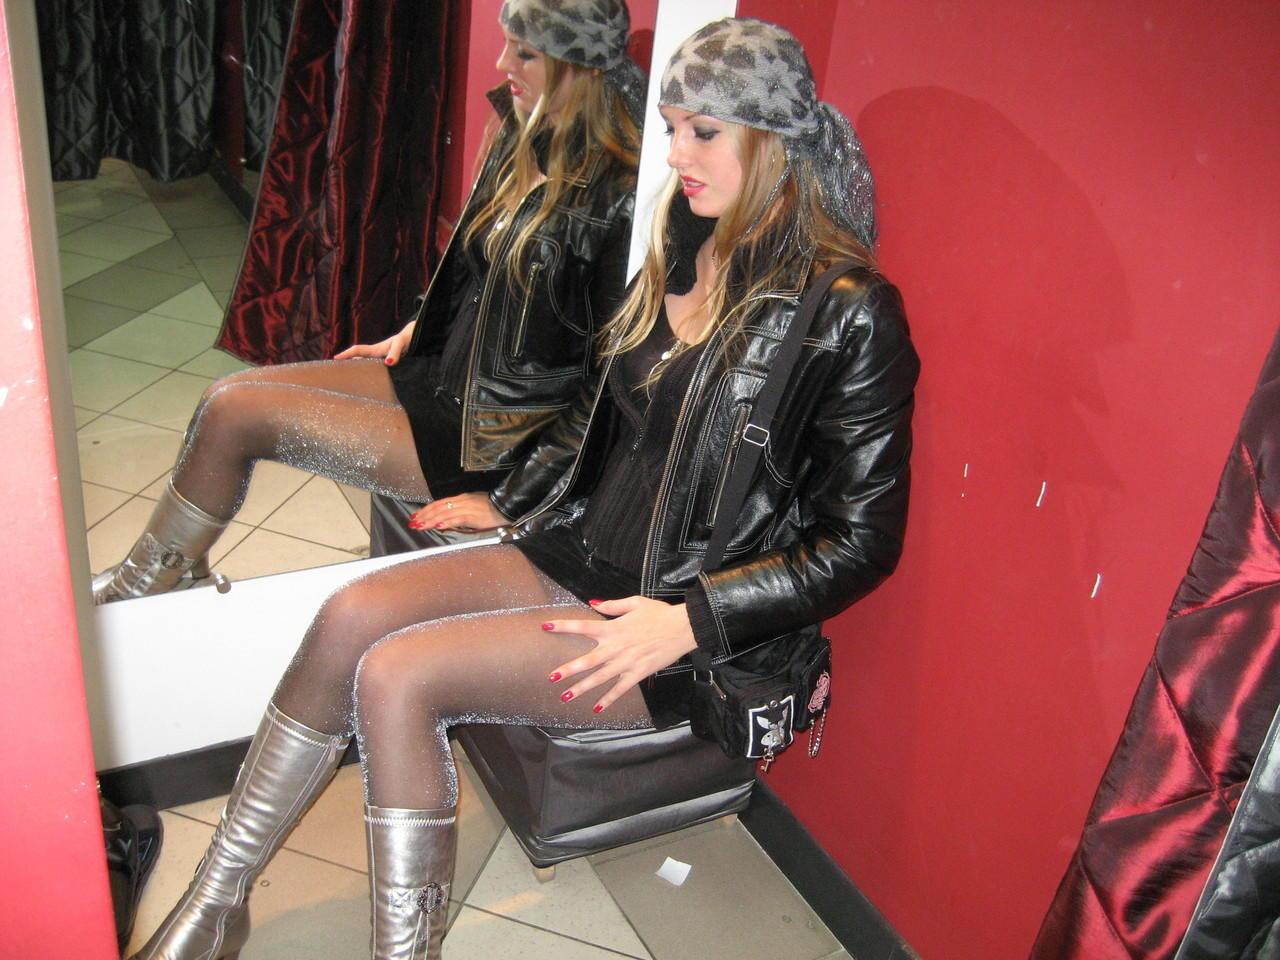 Сексапильные девушки в колготках и в сапогах 11 фотография